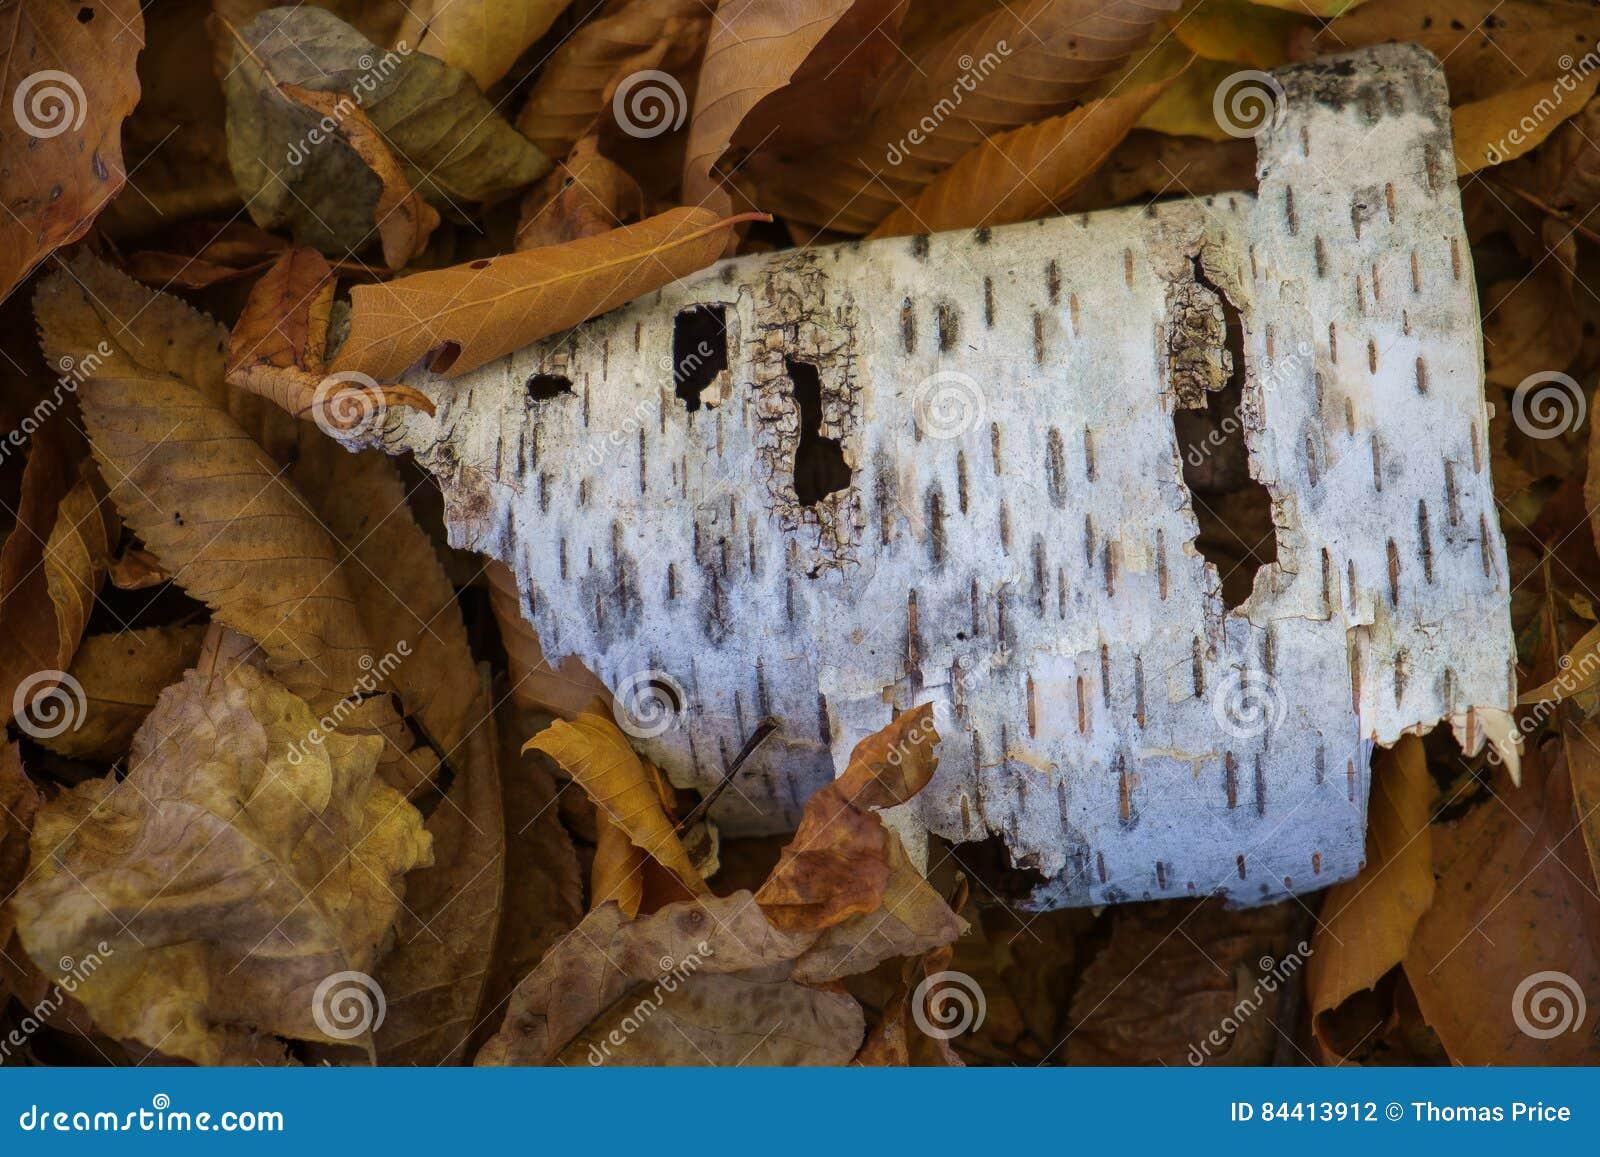 Brzozy barkentyna odpoczywa na wysuszonych liściach